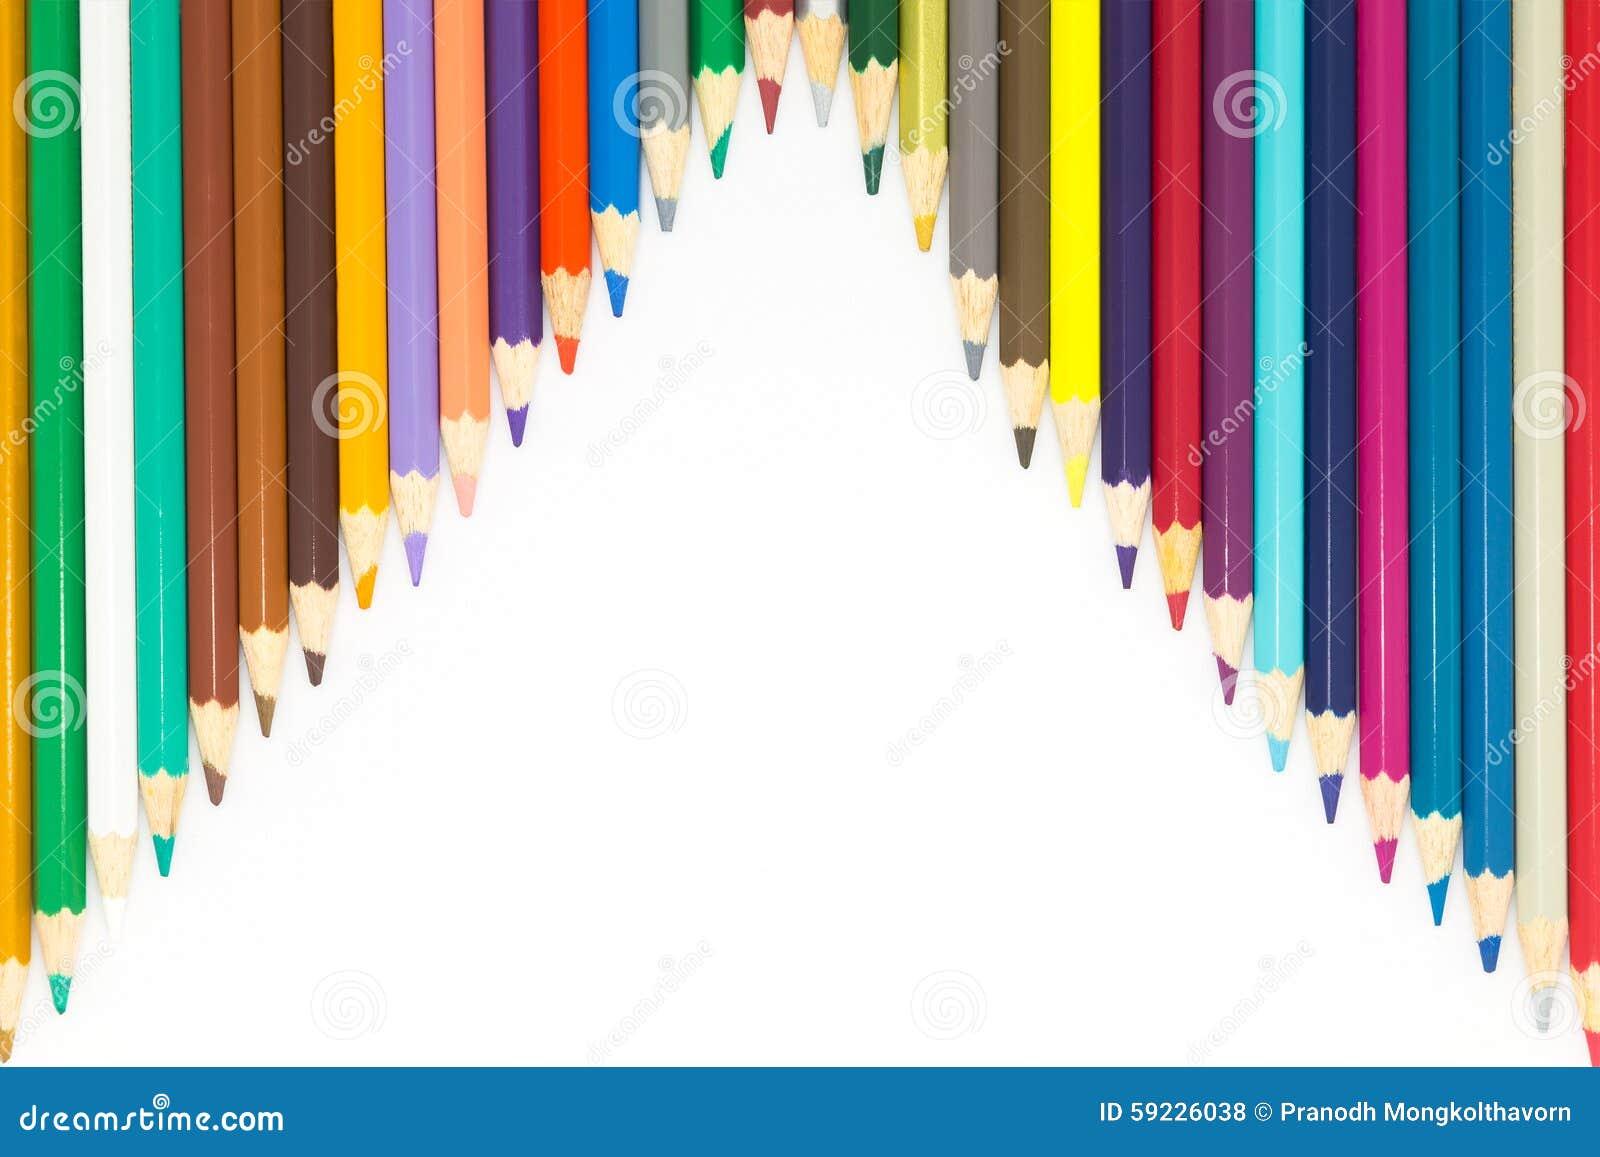 Download Fondo Blanco Con Los Lápices De Madera De Los Colores Foto de archivo - Imagen de grupo, arreglo: 59226038